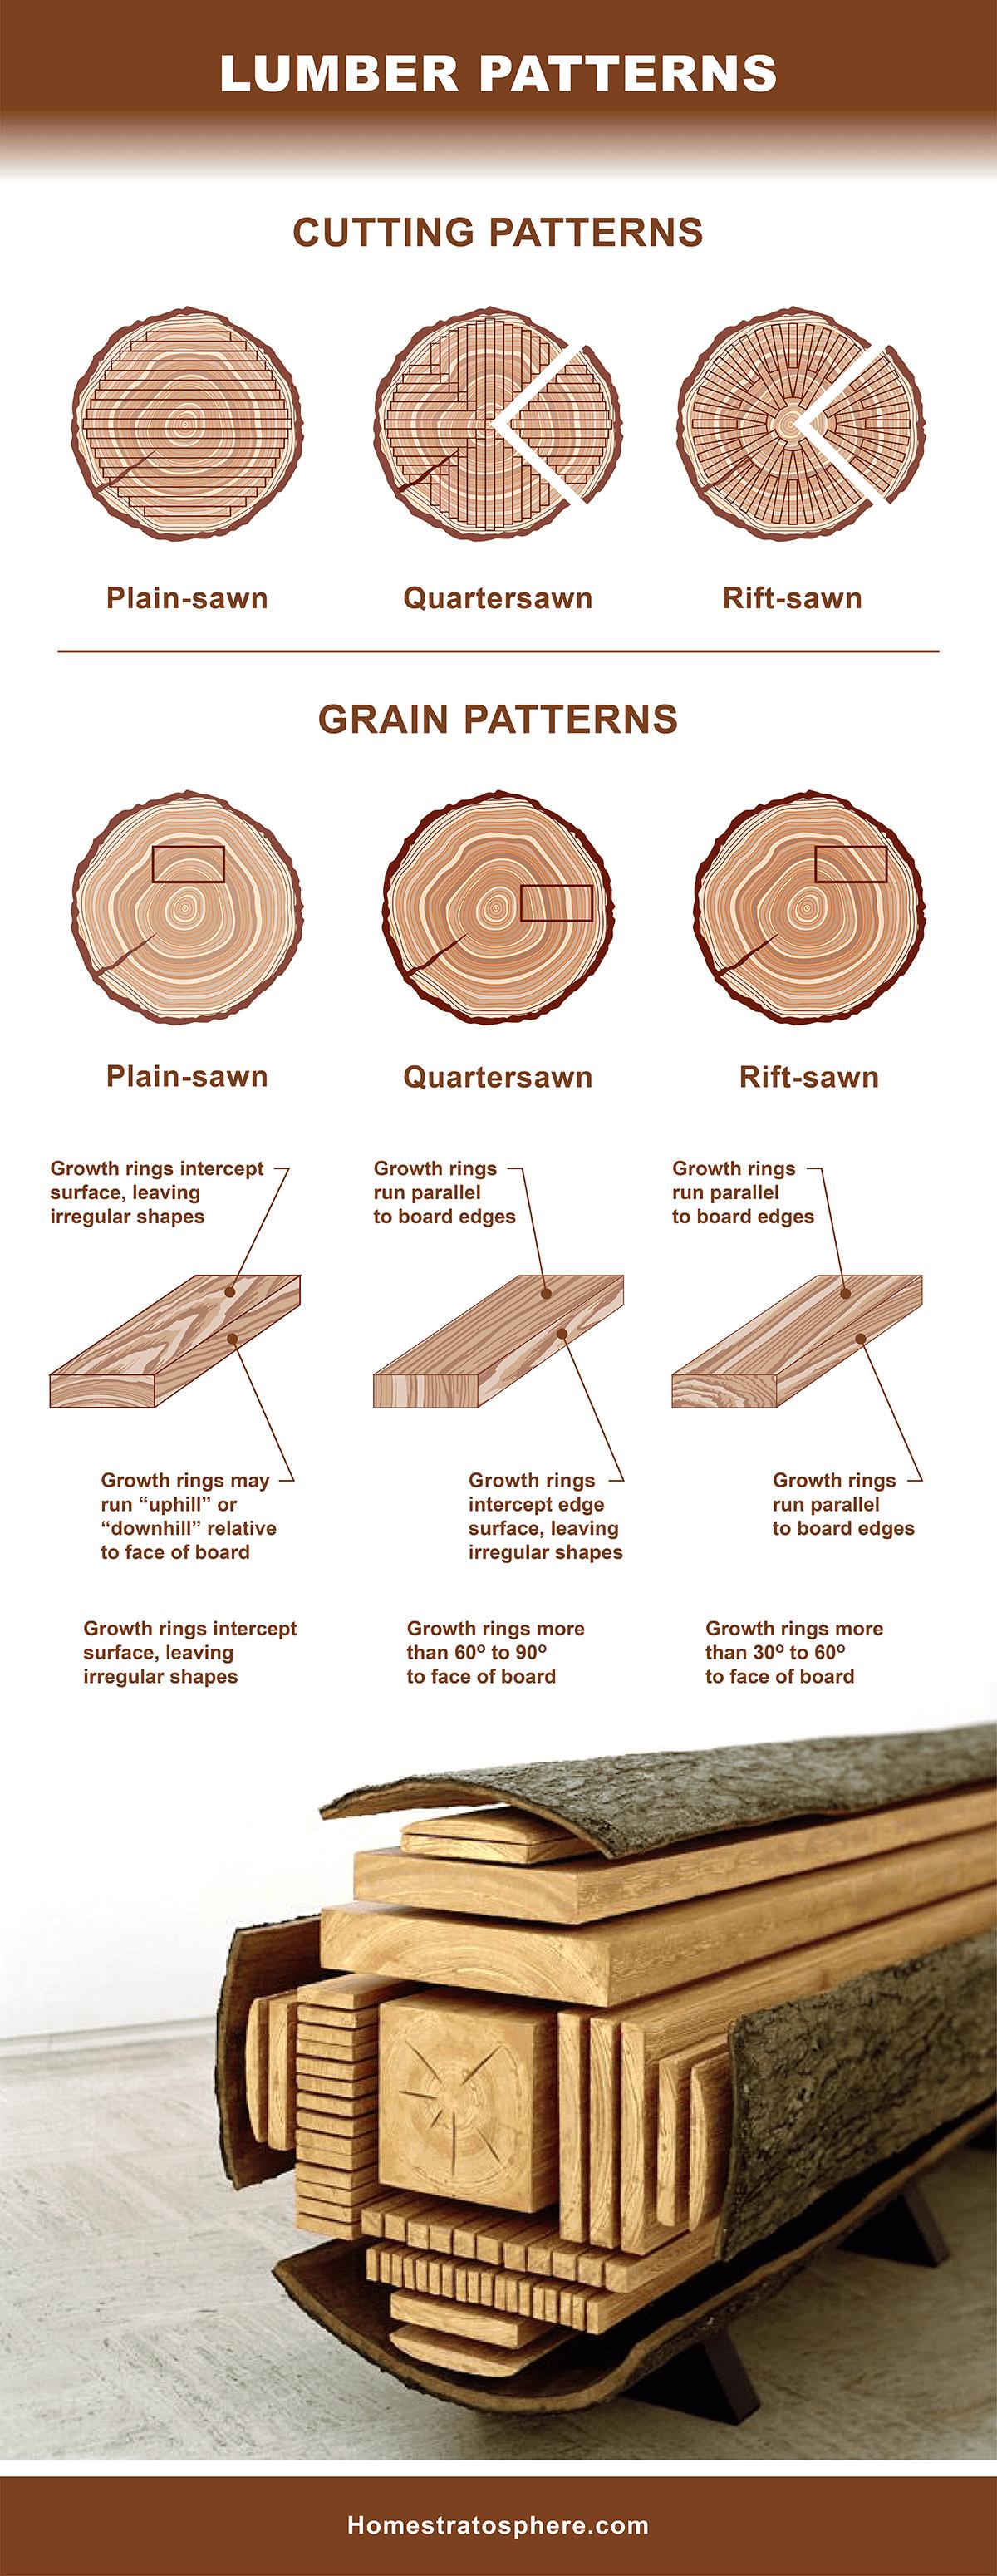 Lumber Patterns